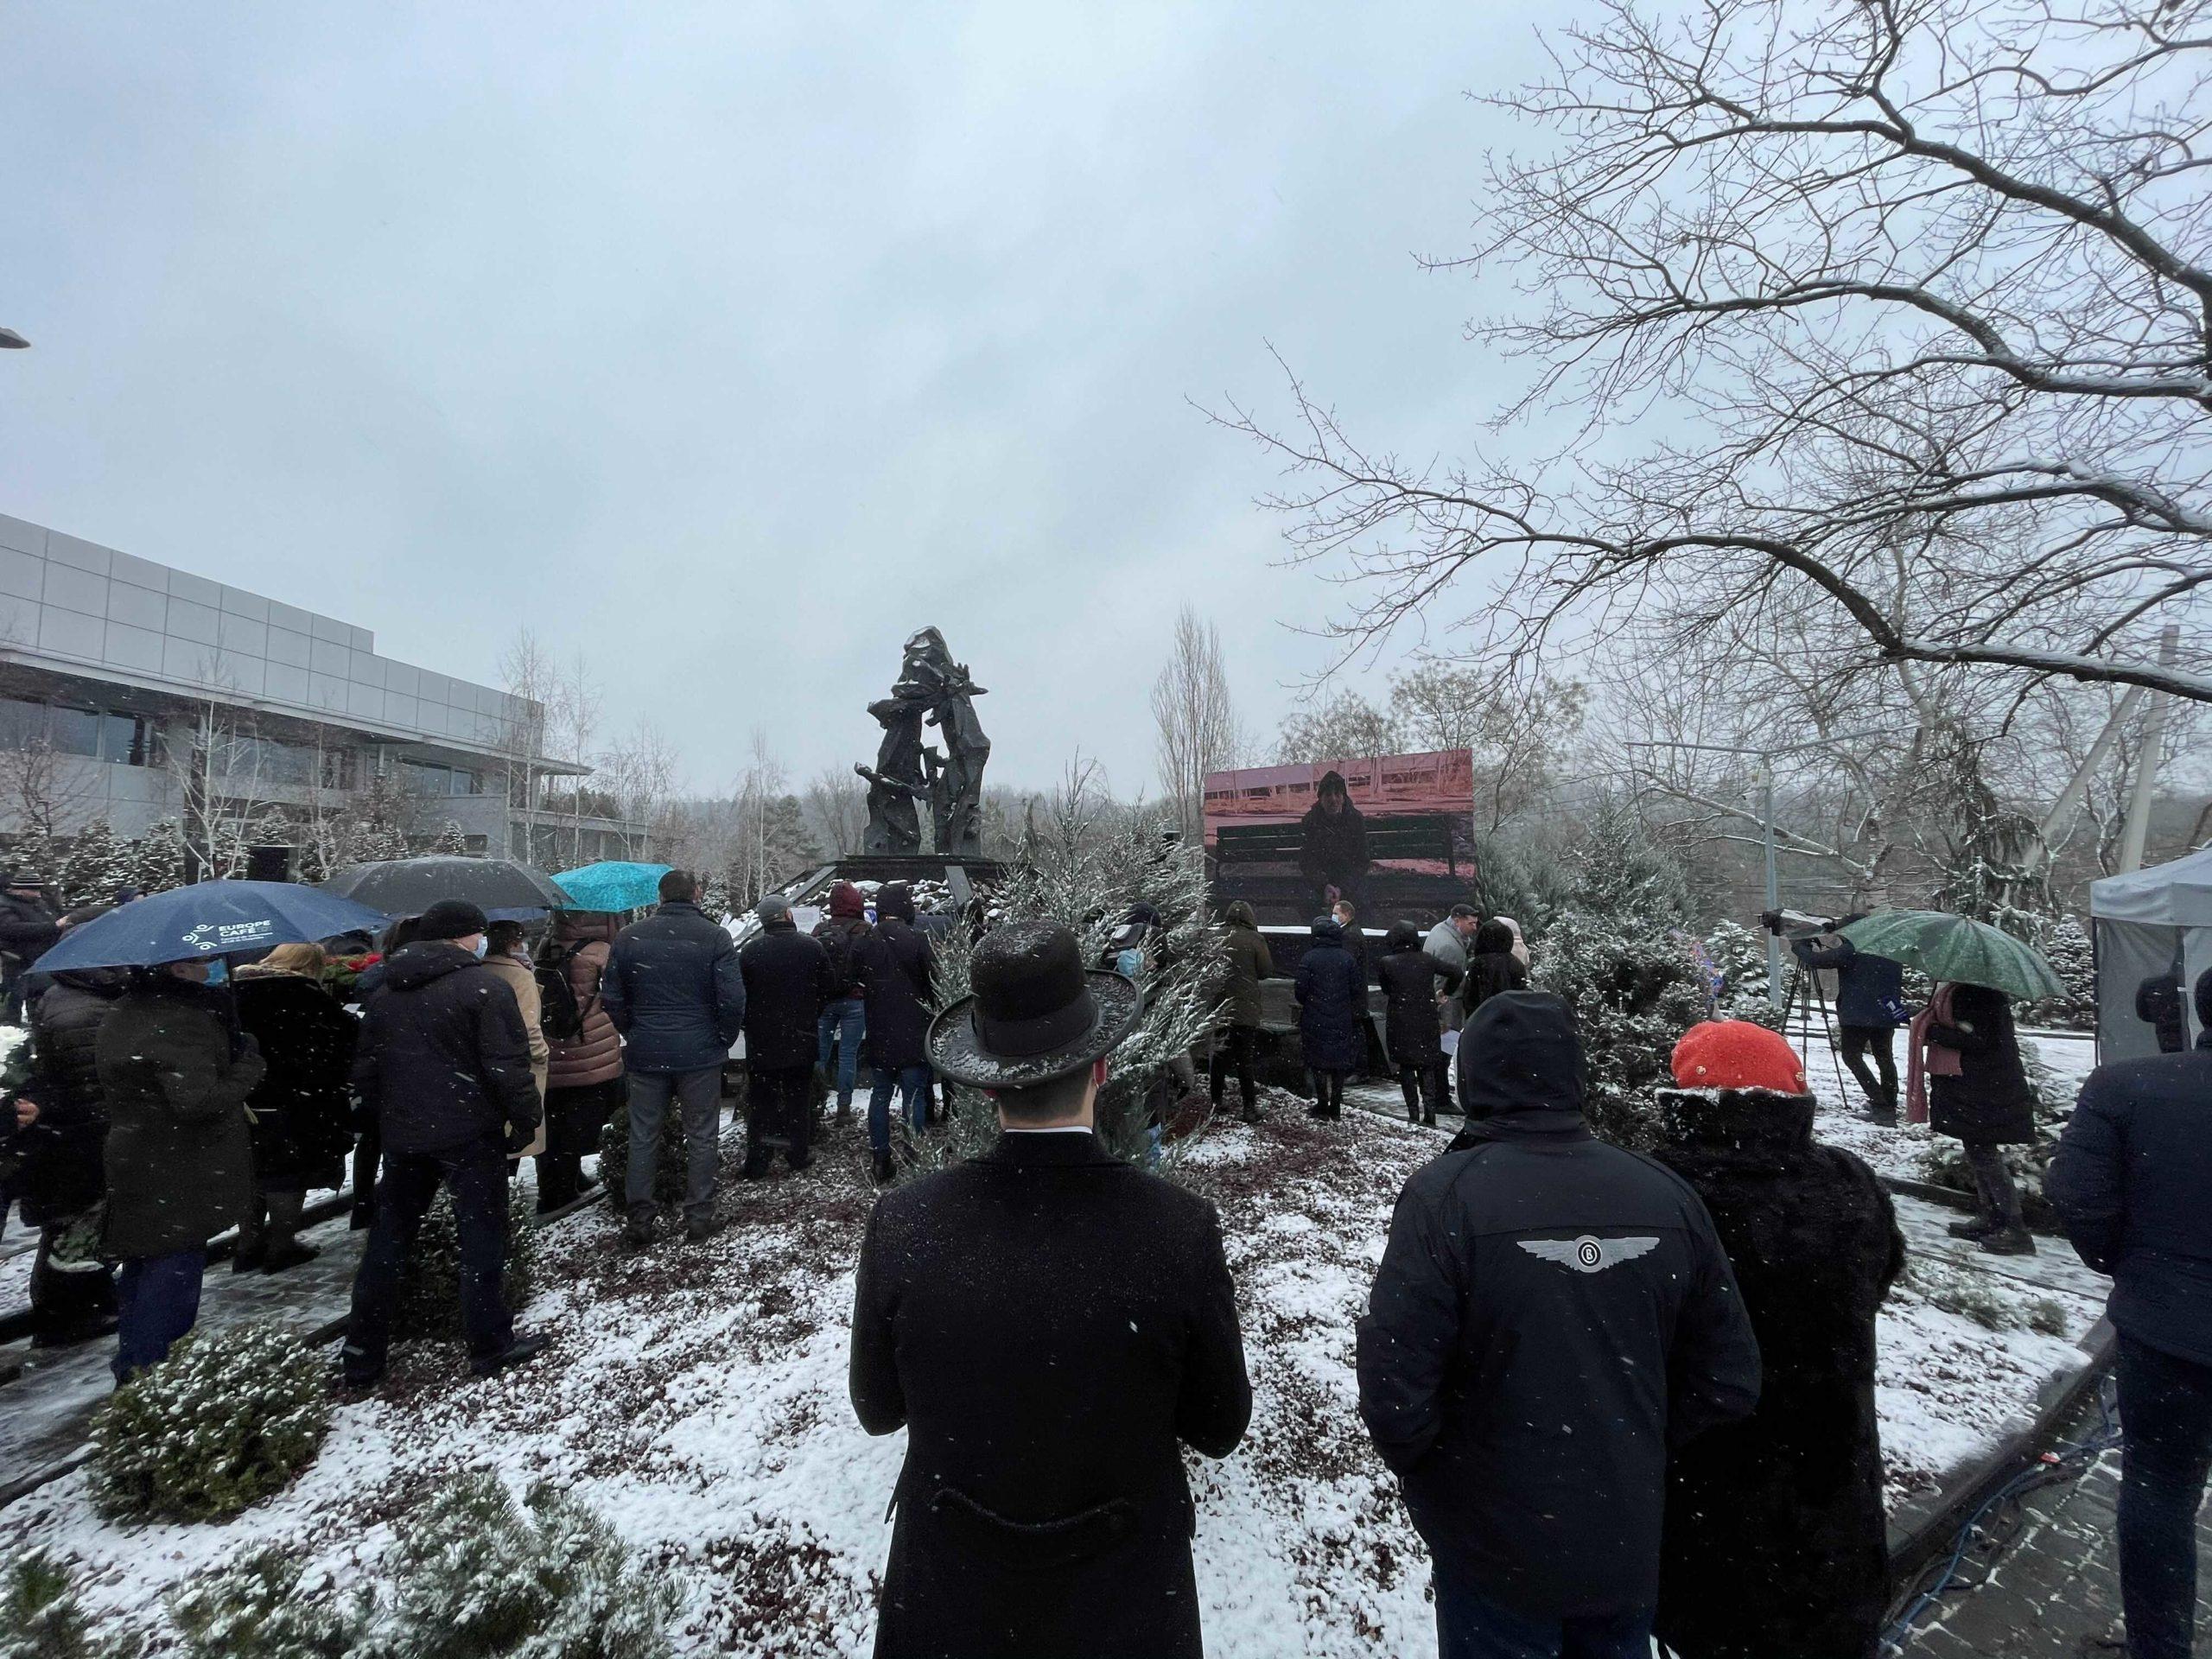 В Кишиневе проходит митинг-реквием в память о жертвах Холокоста. Онлайн-трансляция